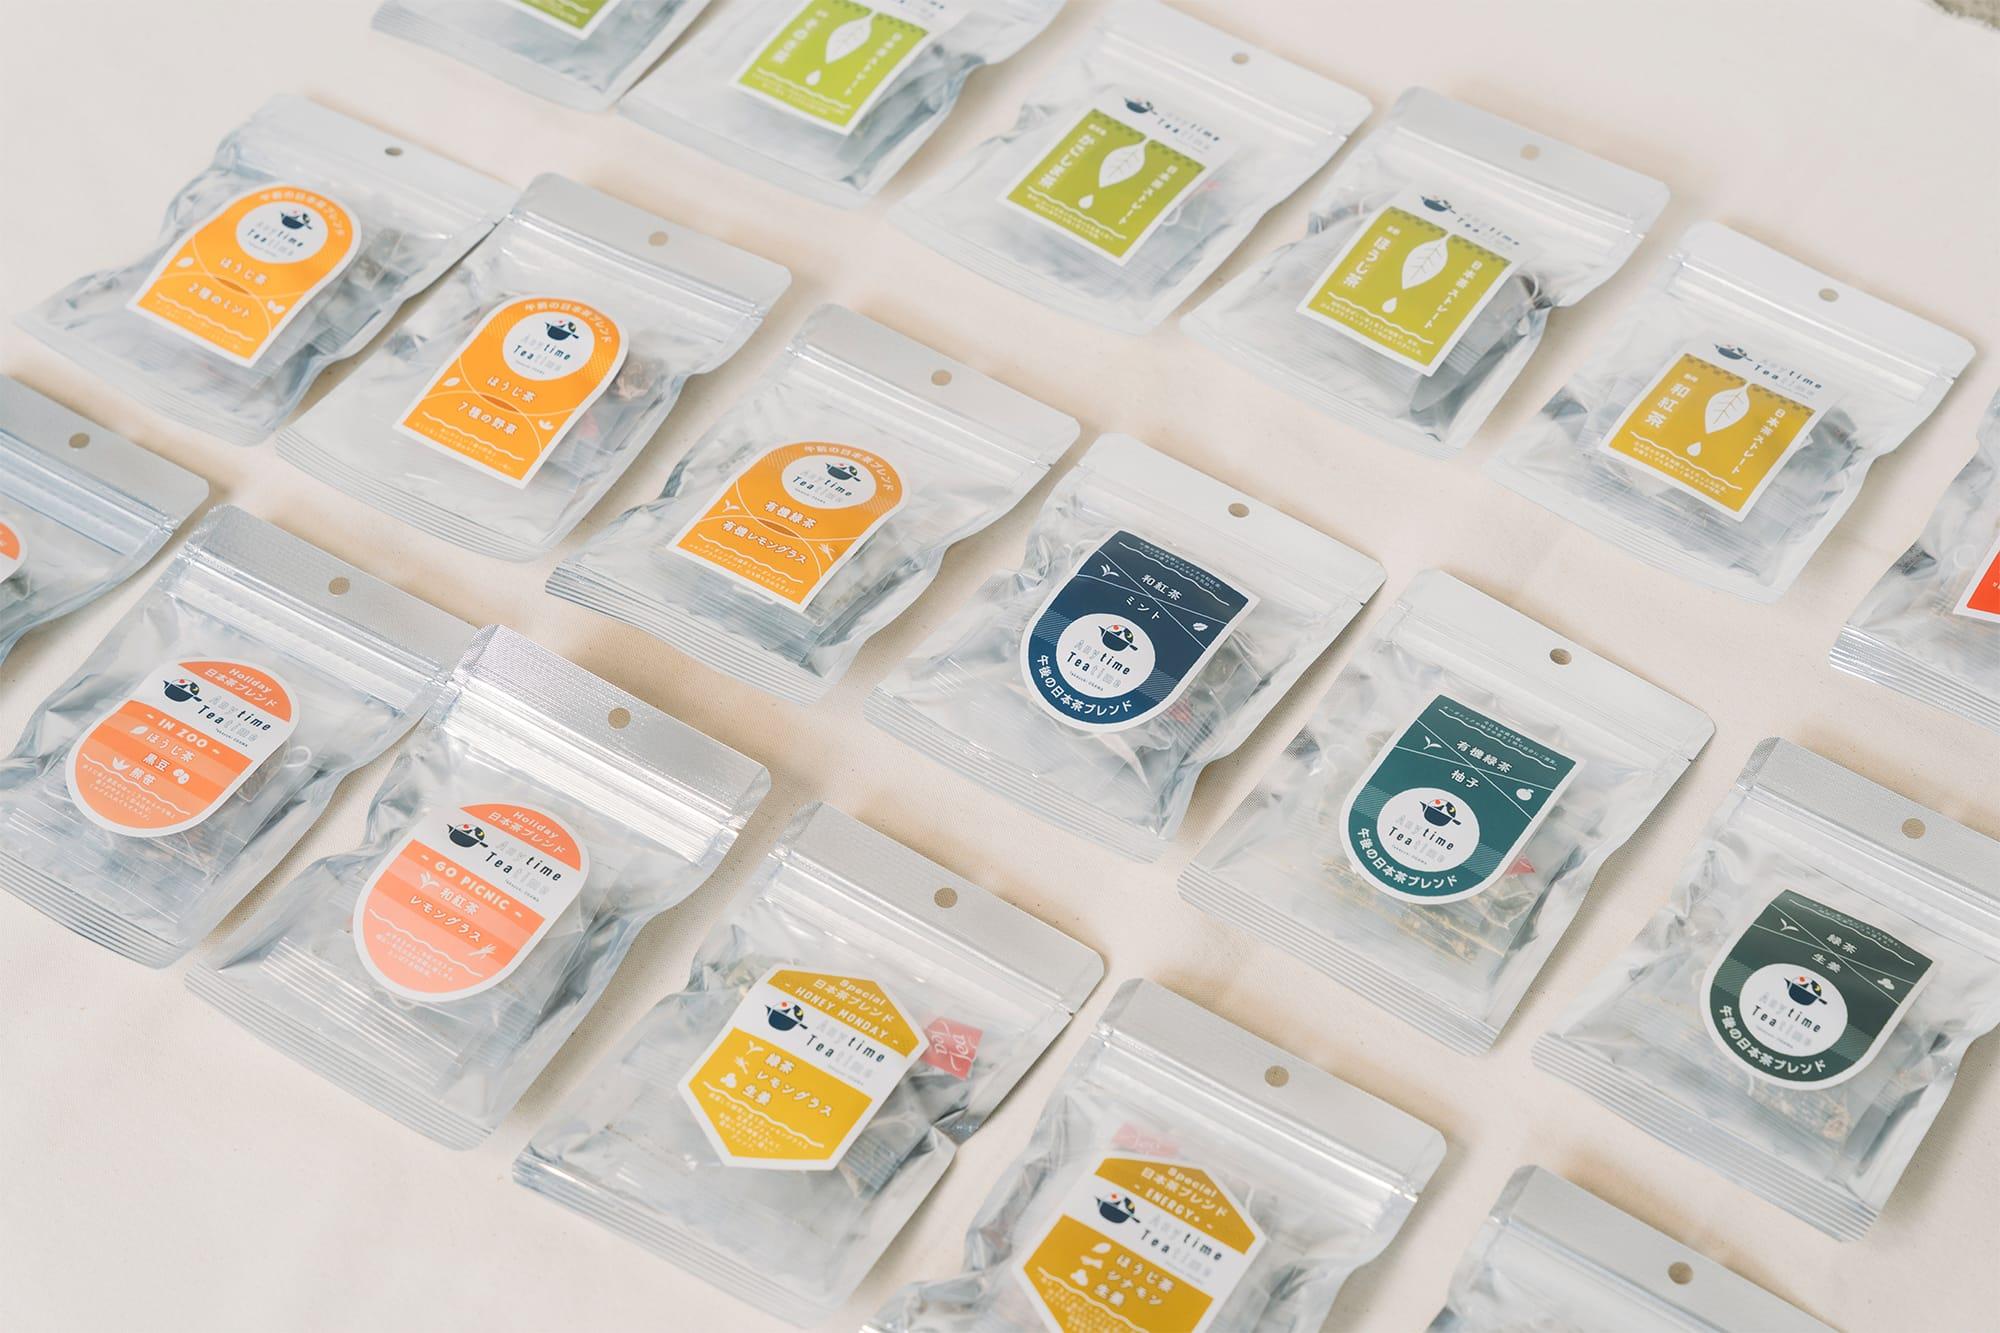 日本茶ブランド「Anytime Teatime」は全18種類。